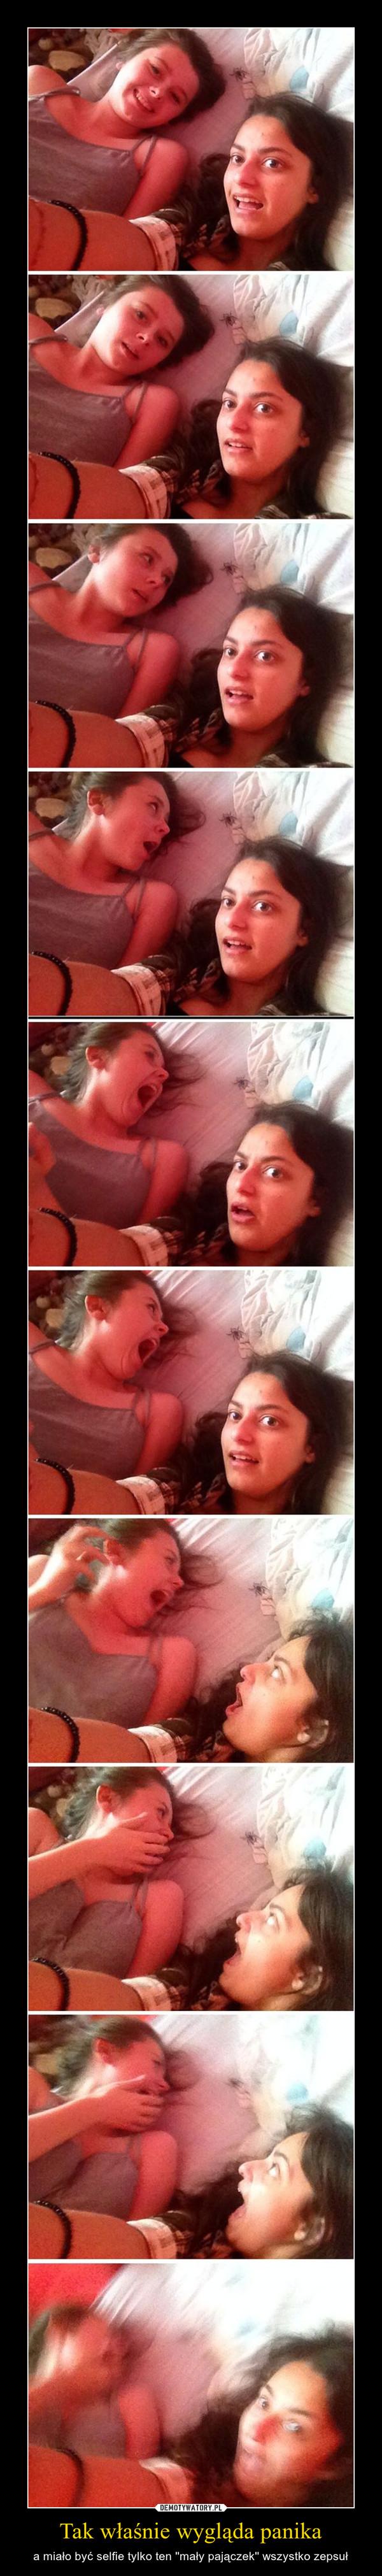 Tak właśnie wygląda panika – a miało być selfie tylko ten ''mały pajączek'' wszystko zepsuł